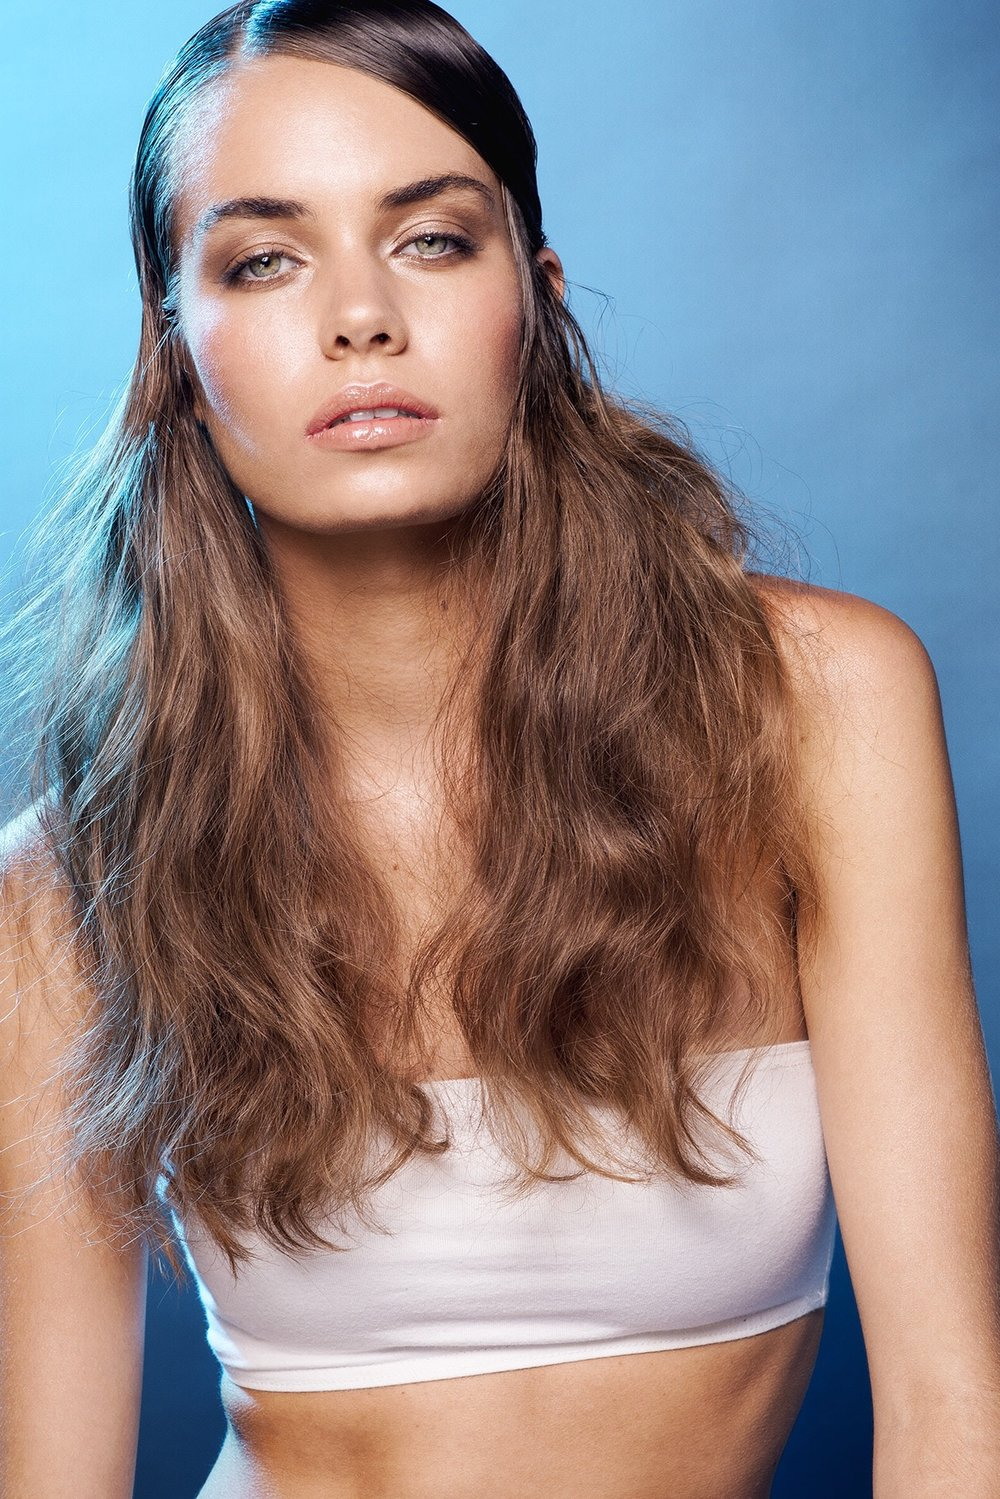 Commerical+Beauty+Jordan_Chrissie+Hall4.jpg